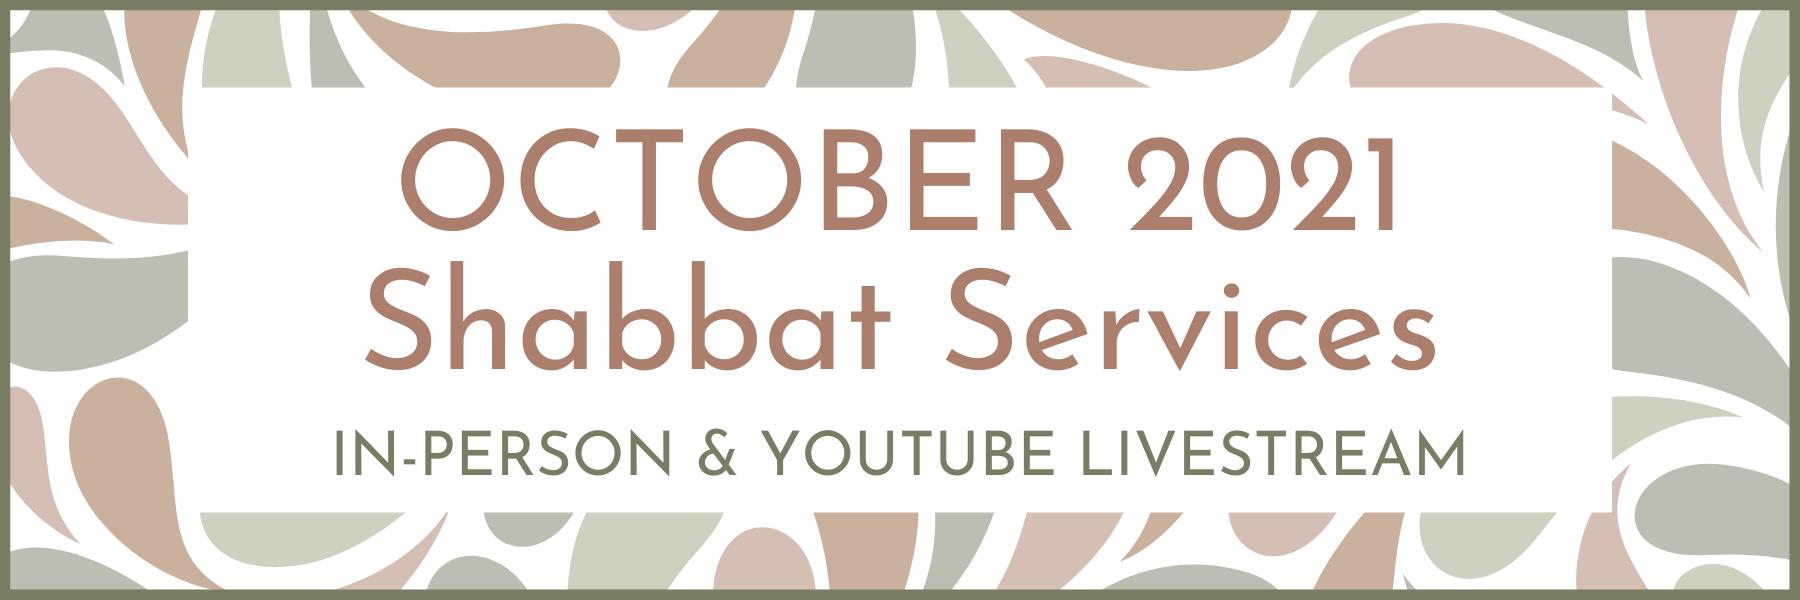 October 2021 Shabbat Services